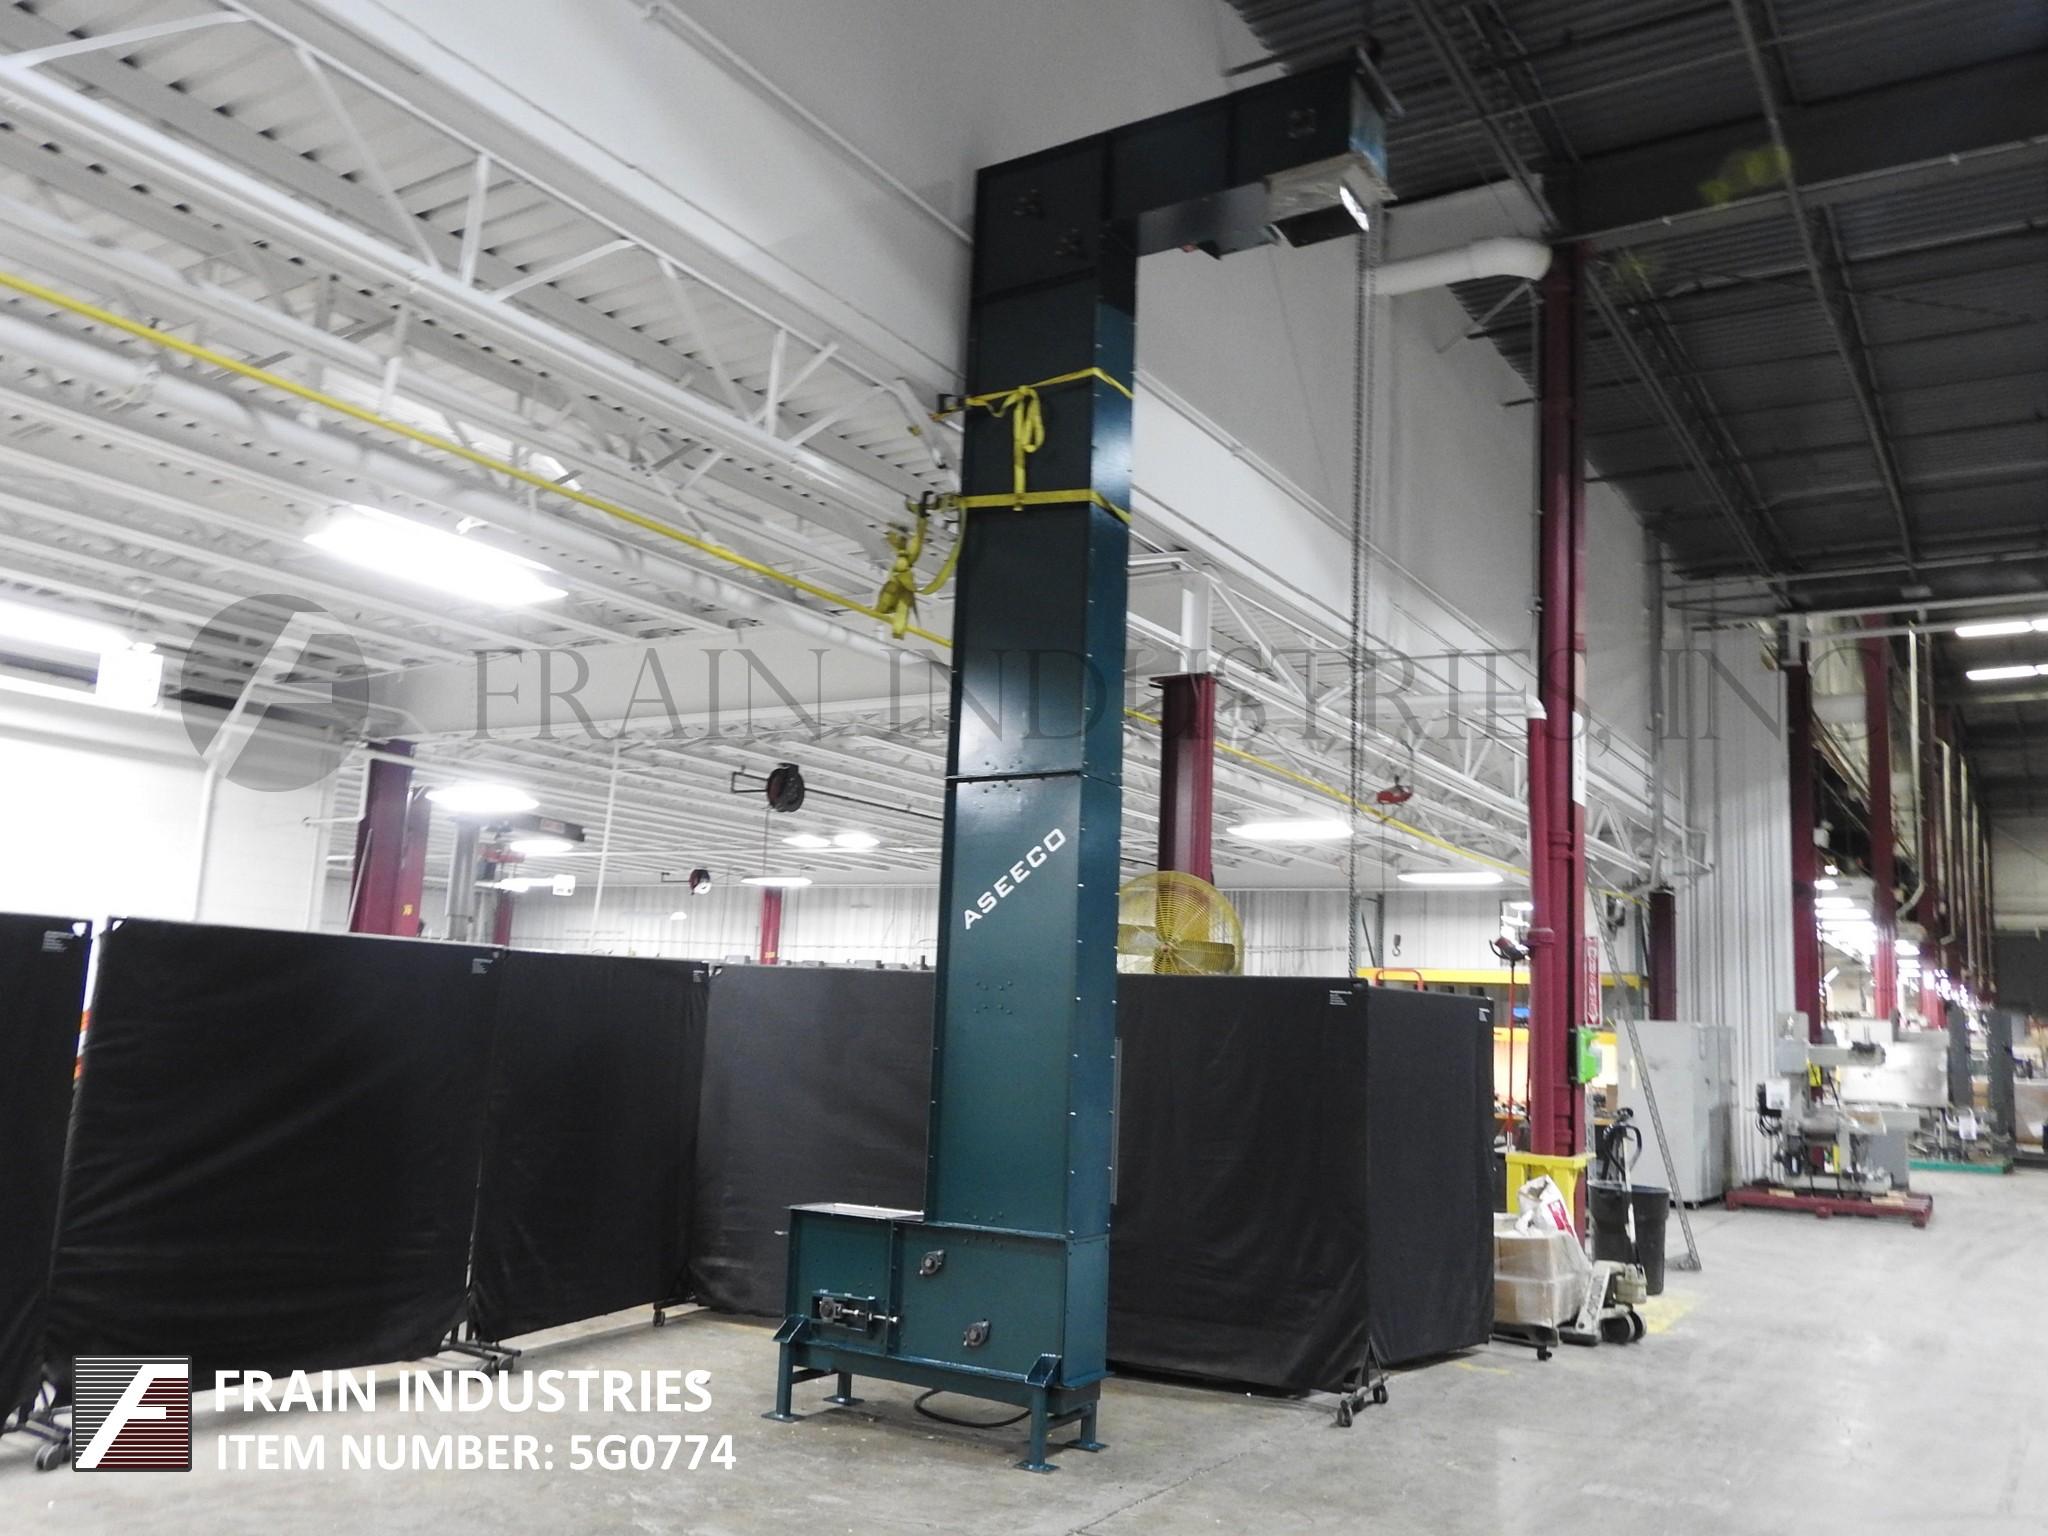 Aseeco / PPM Conveyor Bucket Elevator ALS6CP